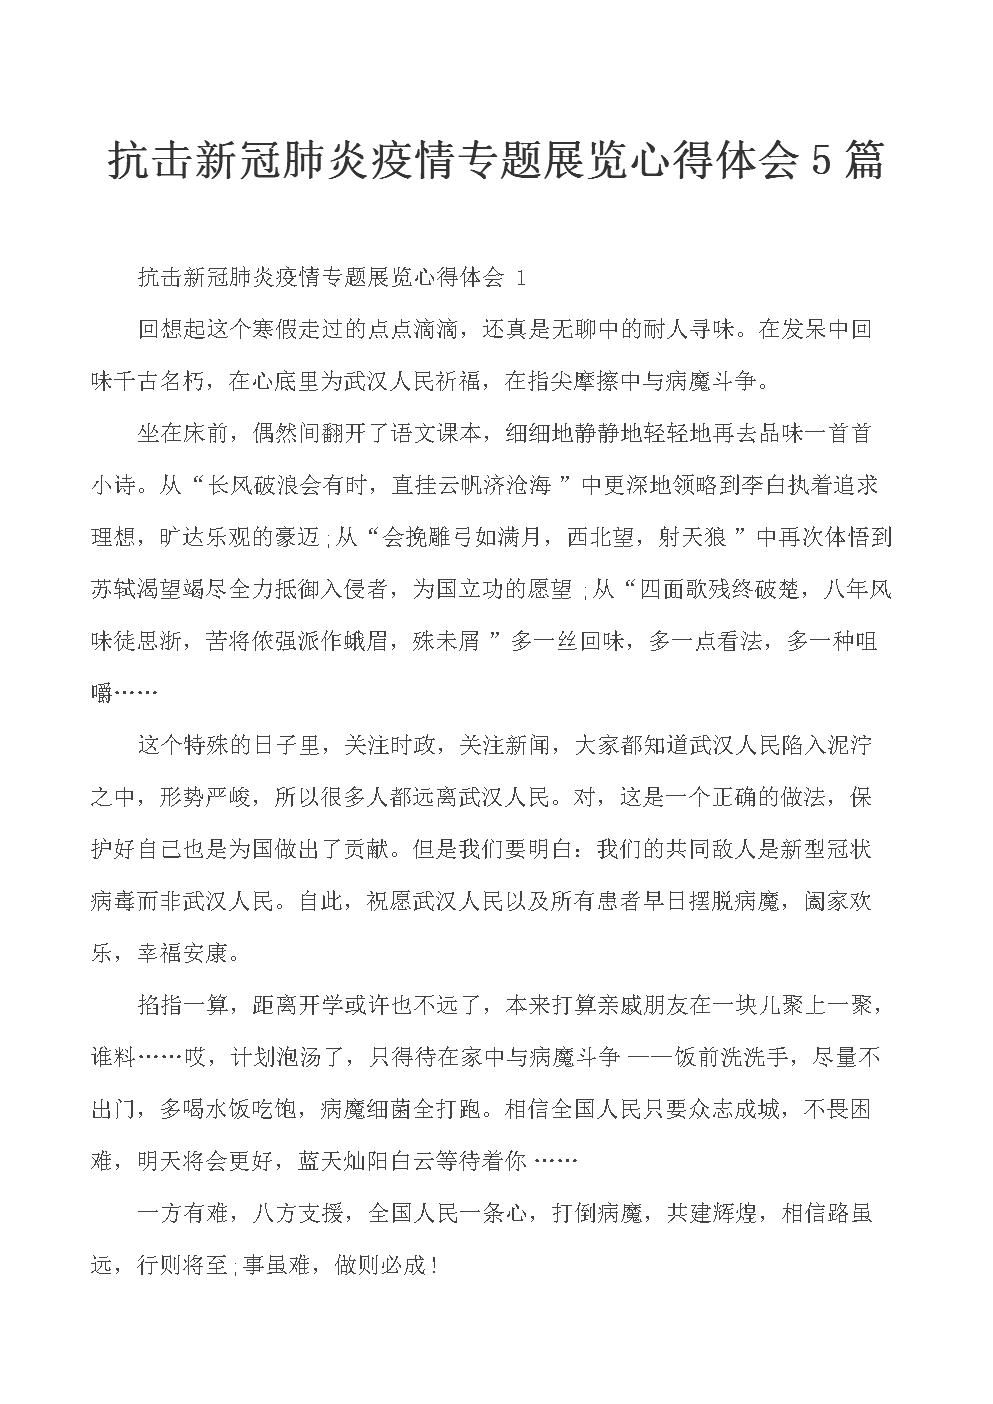 抗击新冠肺炎疫情专题展览心得体会5篇.docx